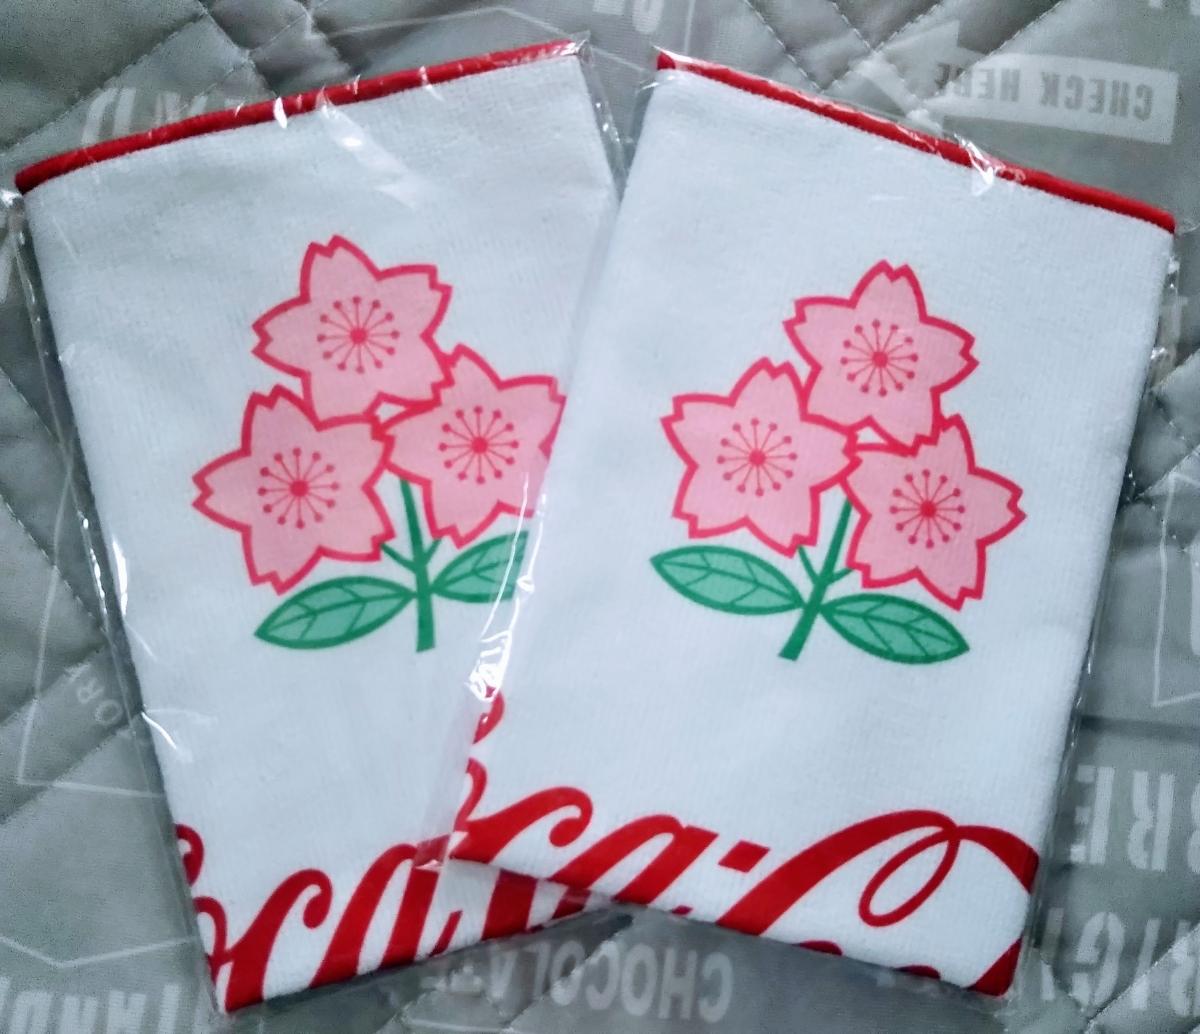 非売品 コカ・コーラ ラグビー日本代表応援 オリジナルハンドタオル 2枚